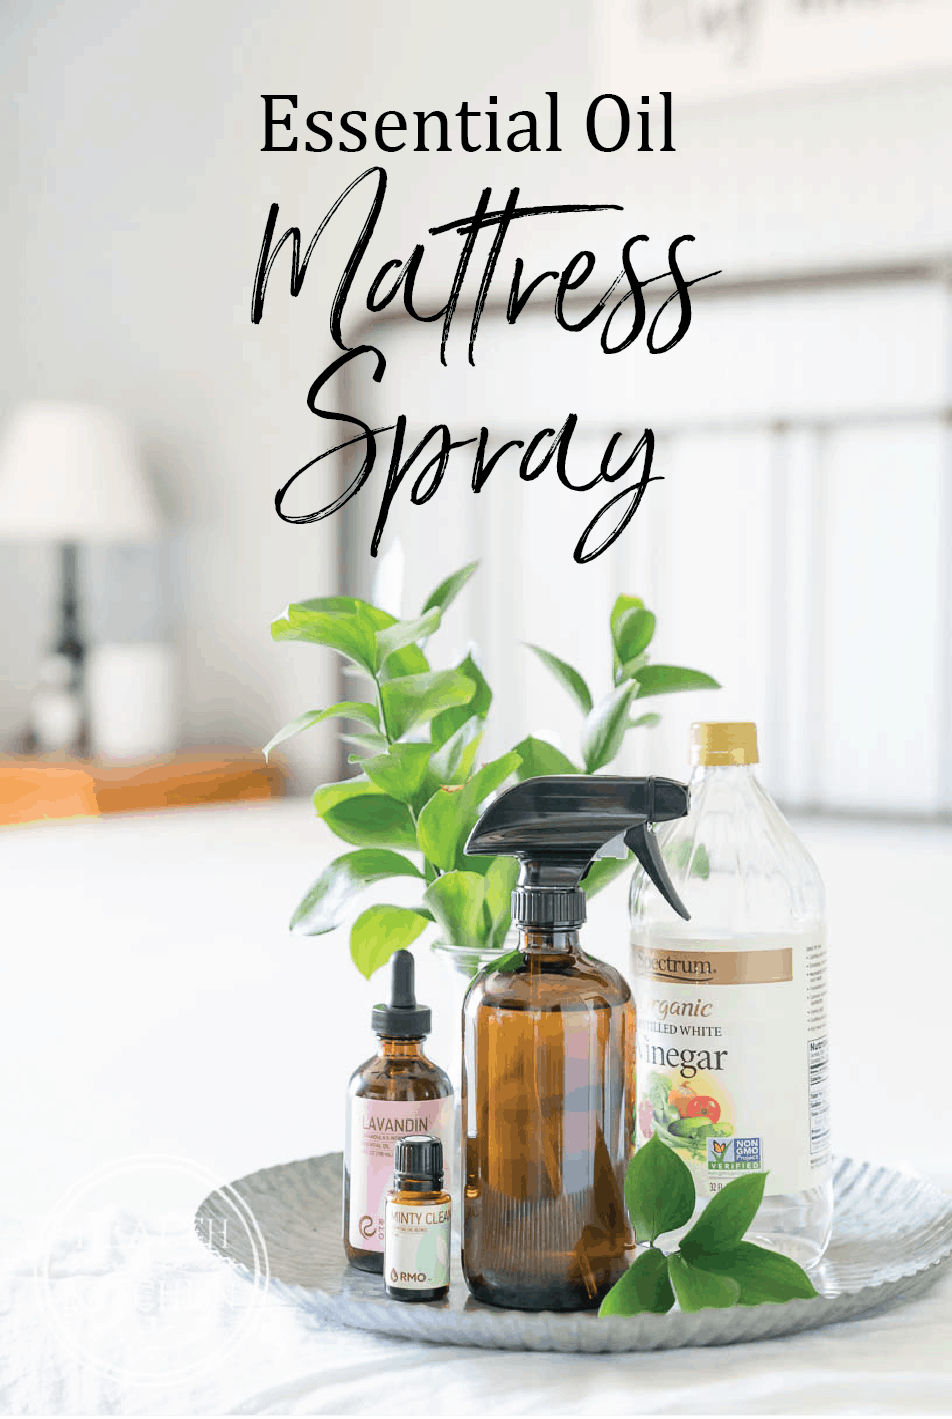 Essential OIl Mattress Spray